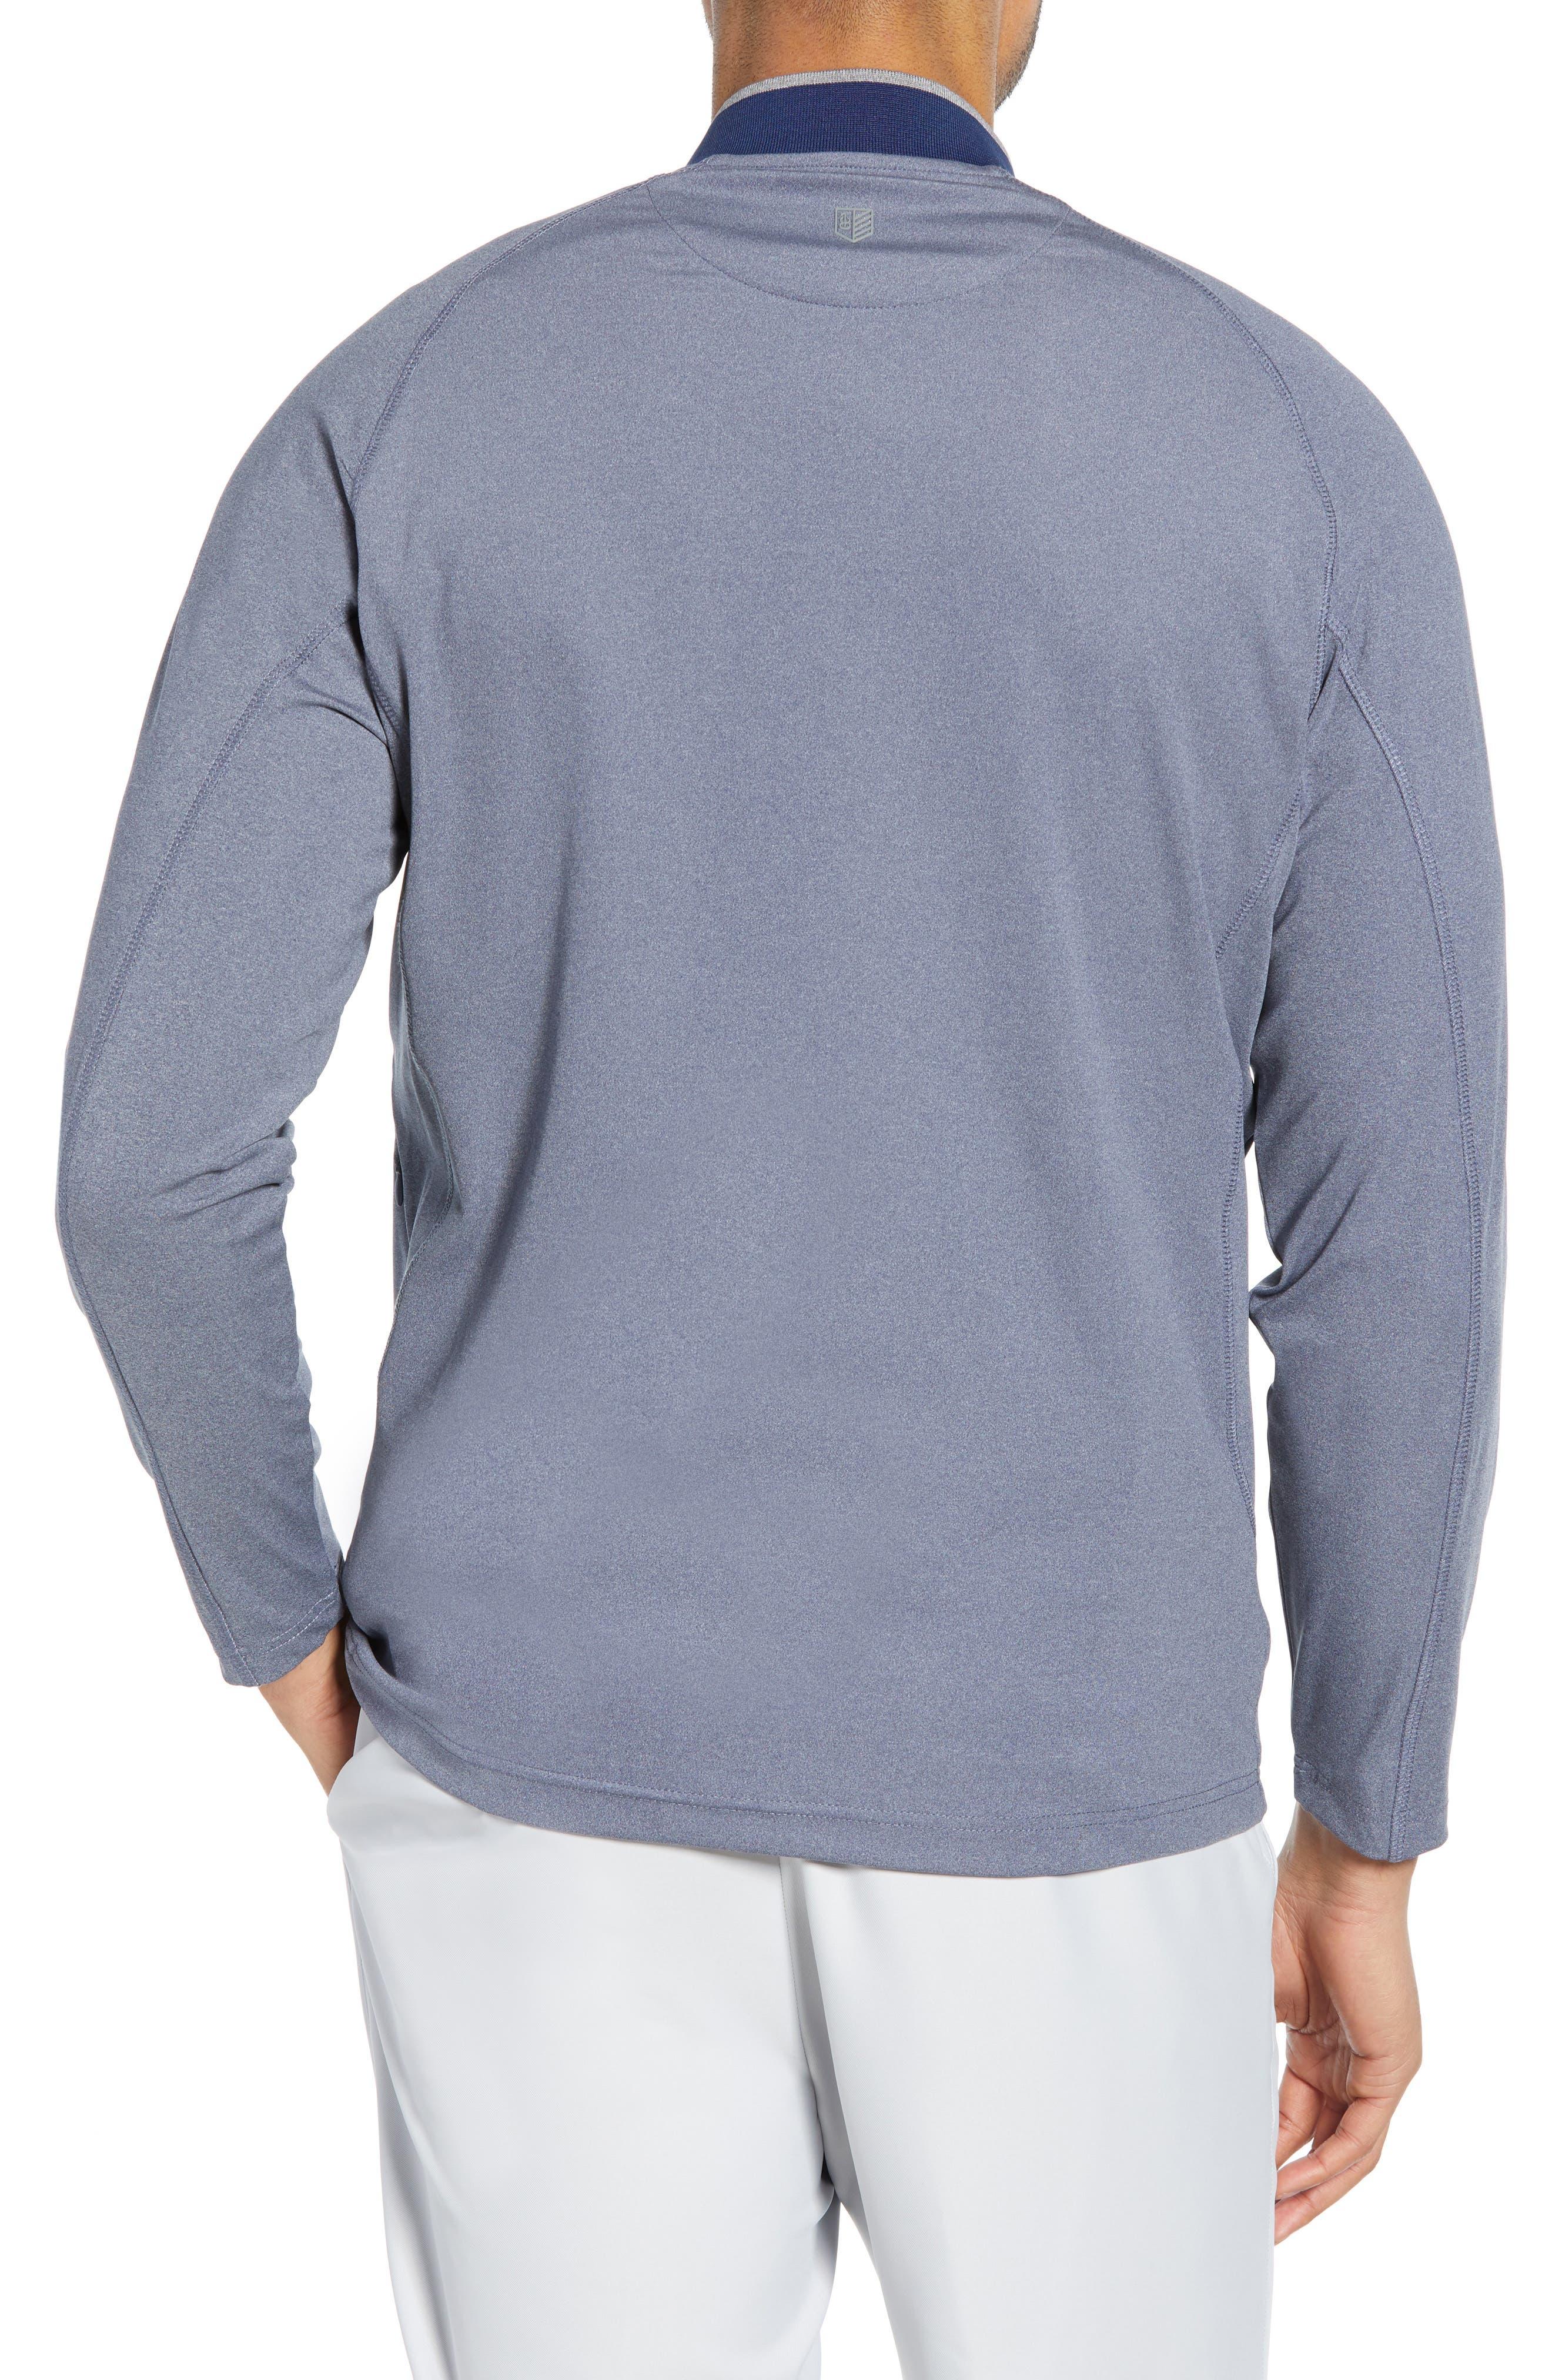 BOBBY JONES, Rule 18 Quarter Zip Tech Pullover, Alternate thumbnail 2, color, NAVY